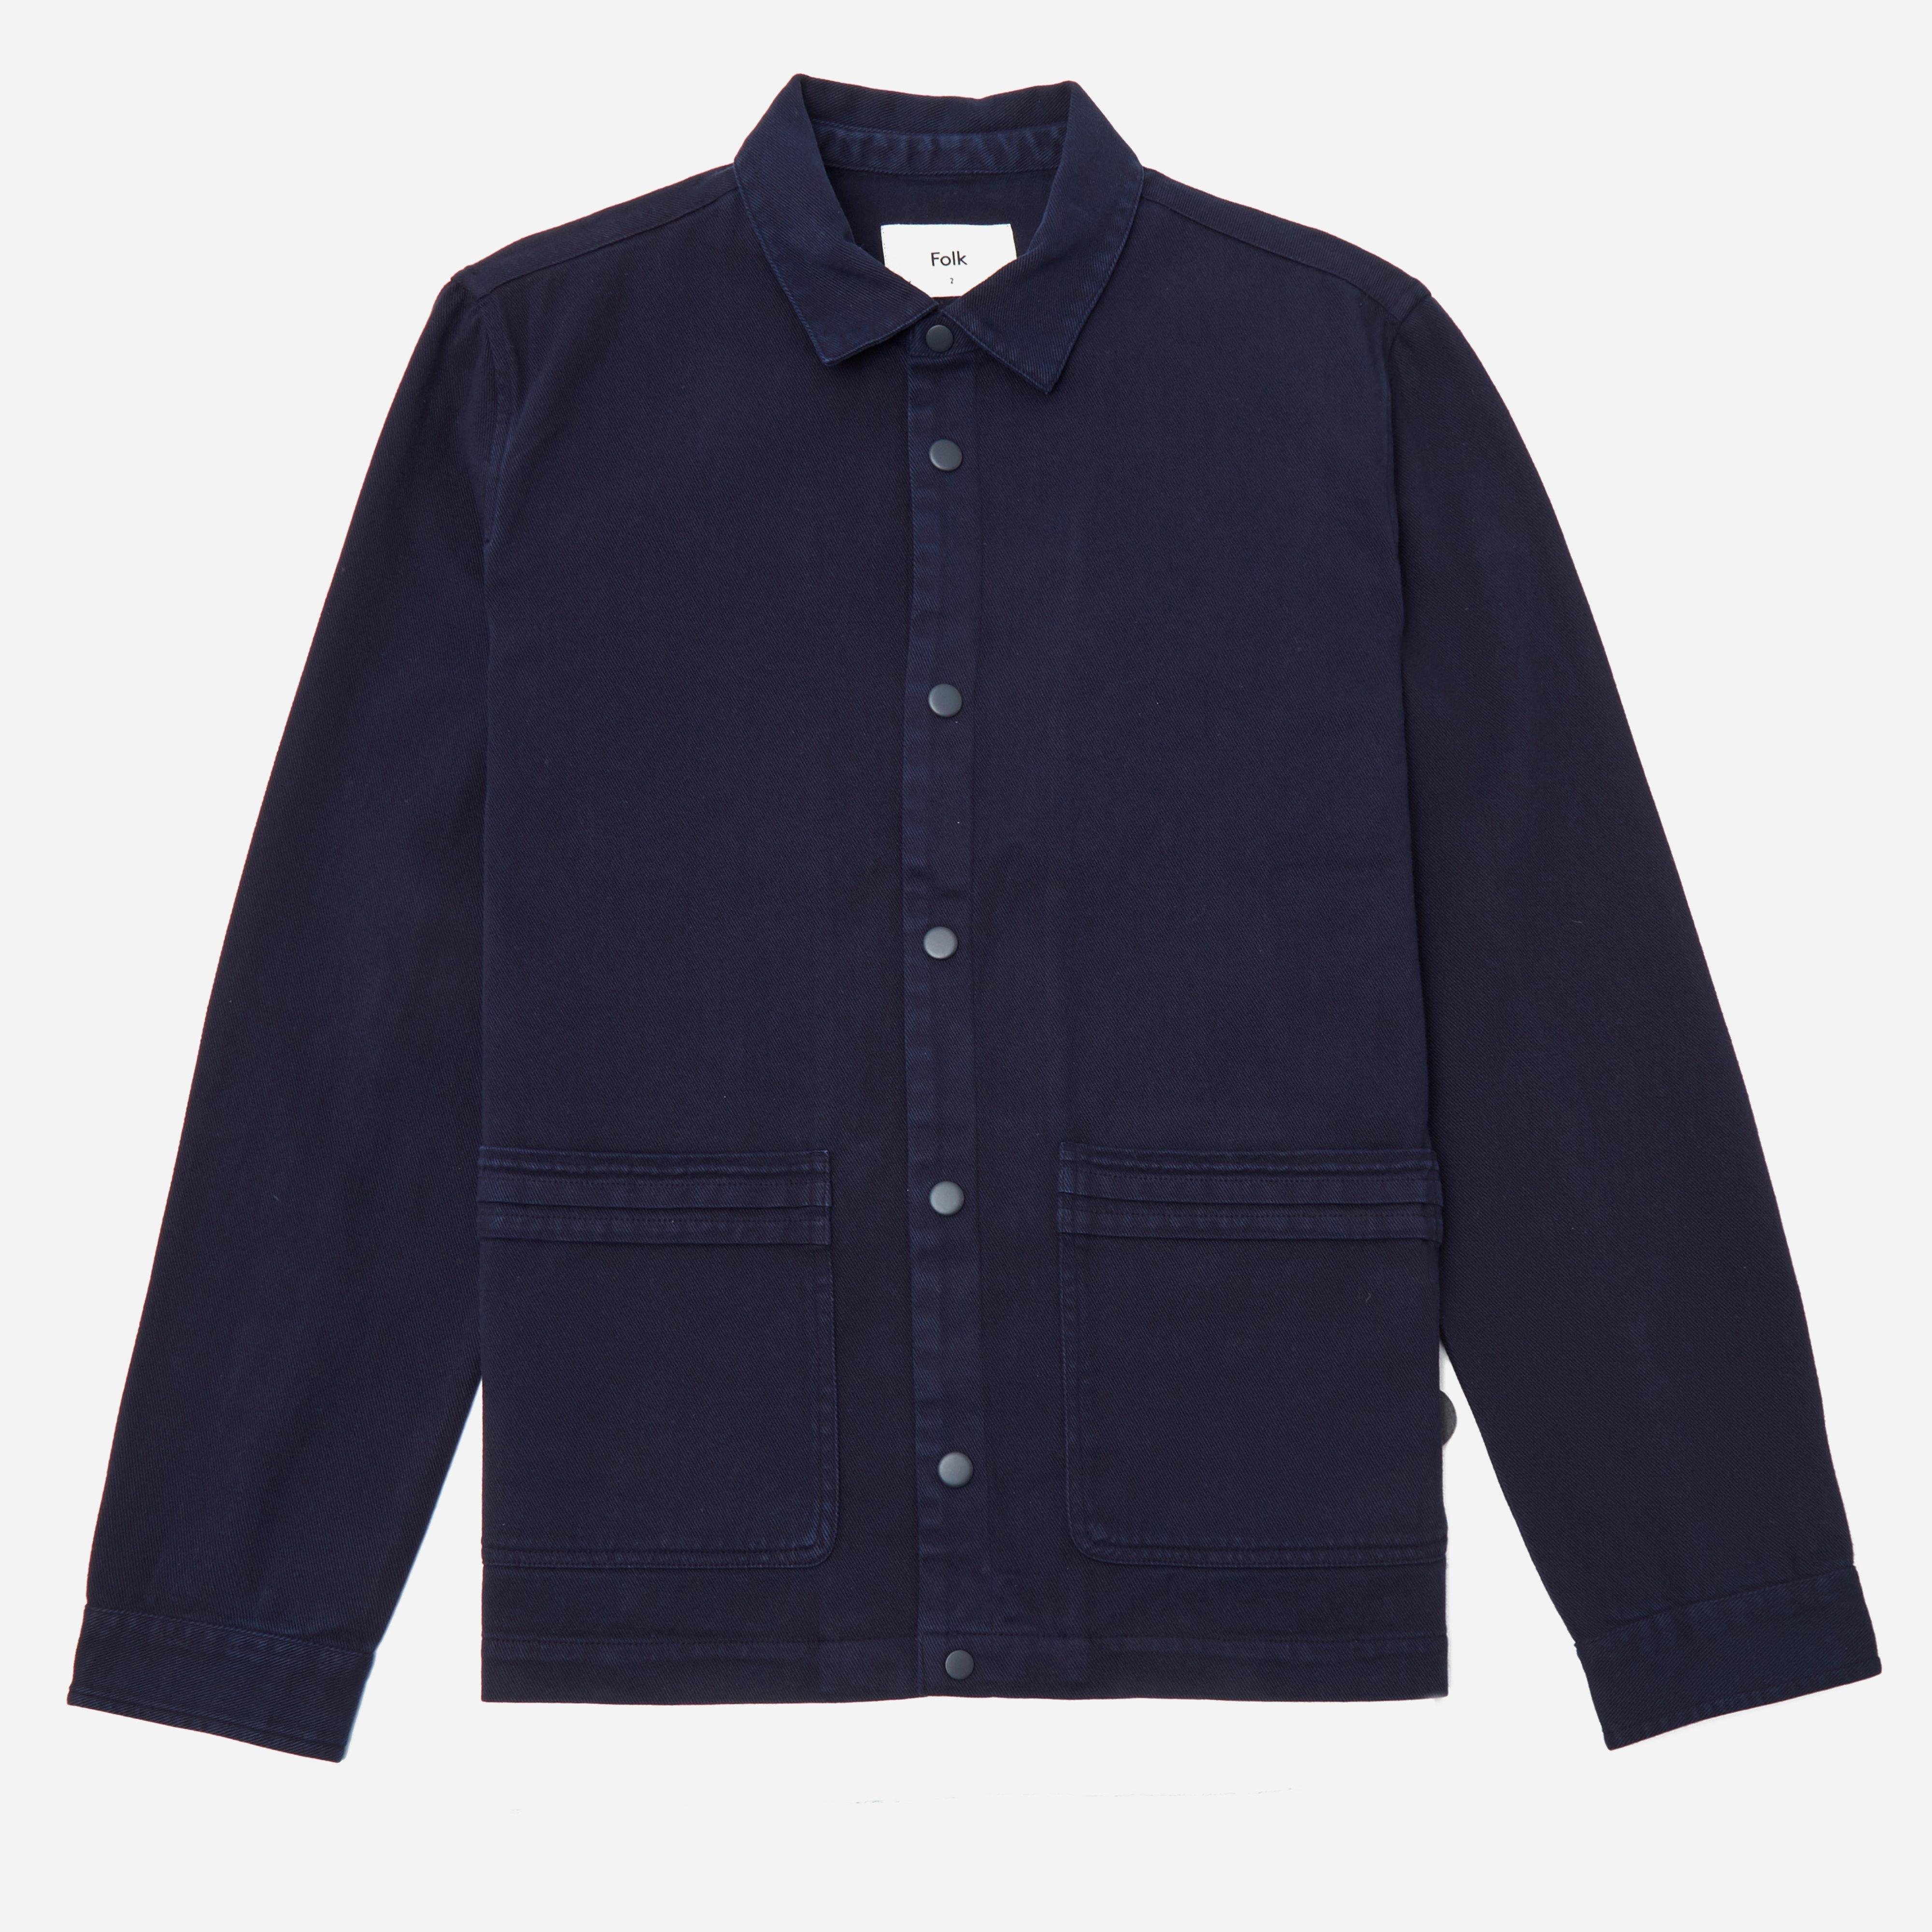 Folk Horizon Jacket